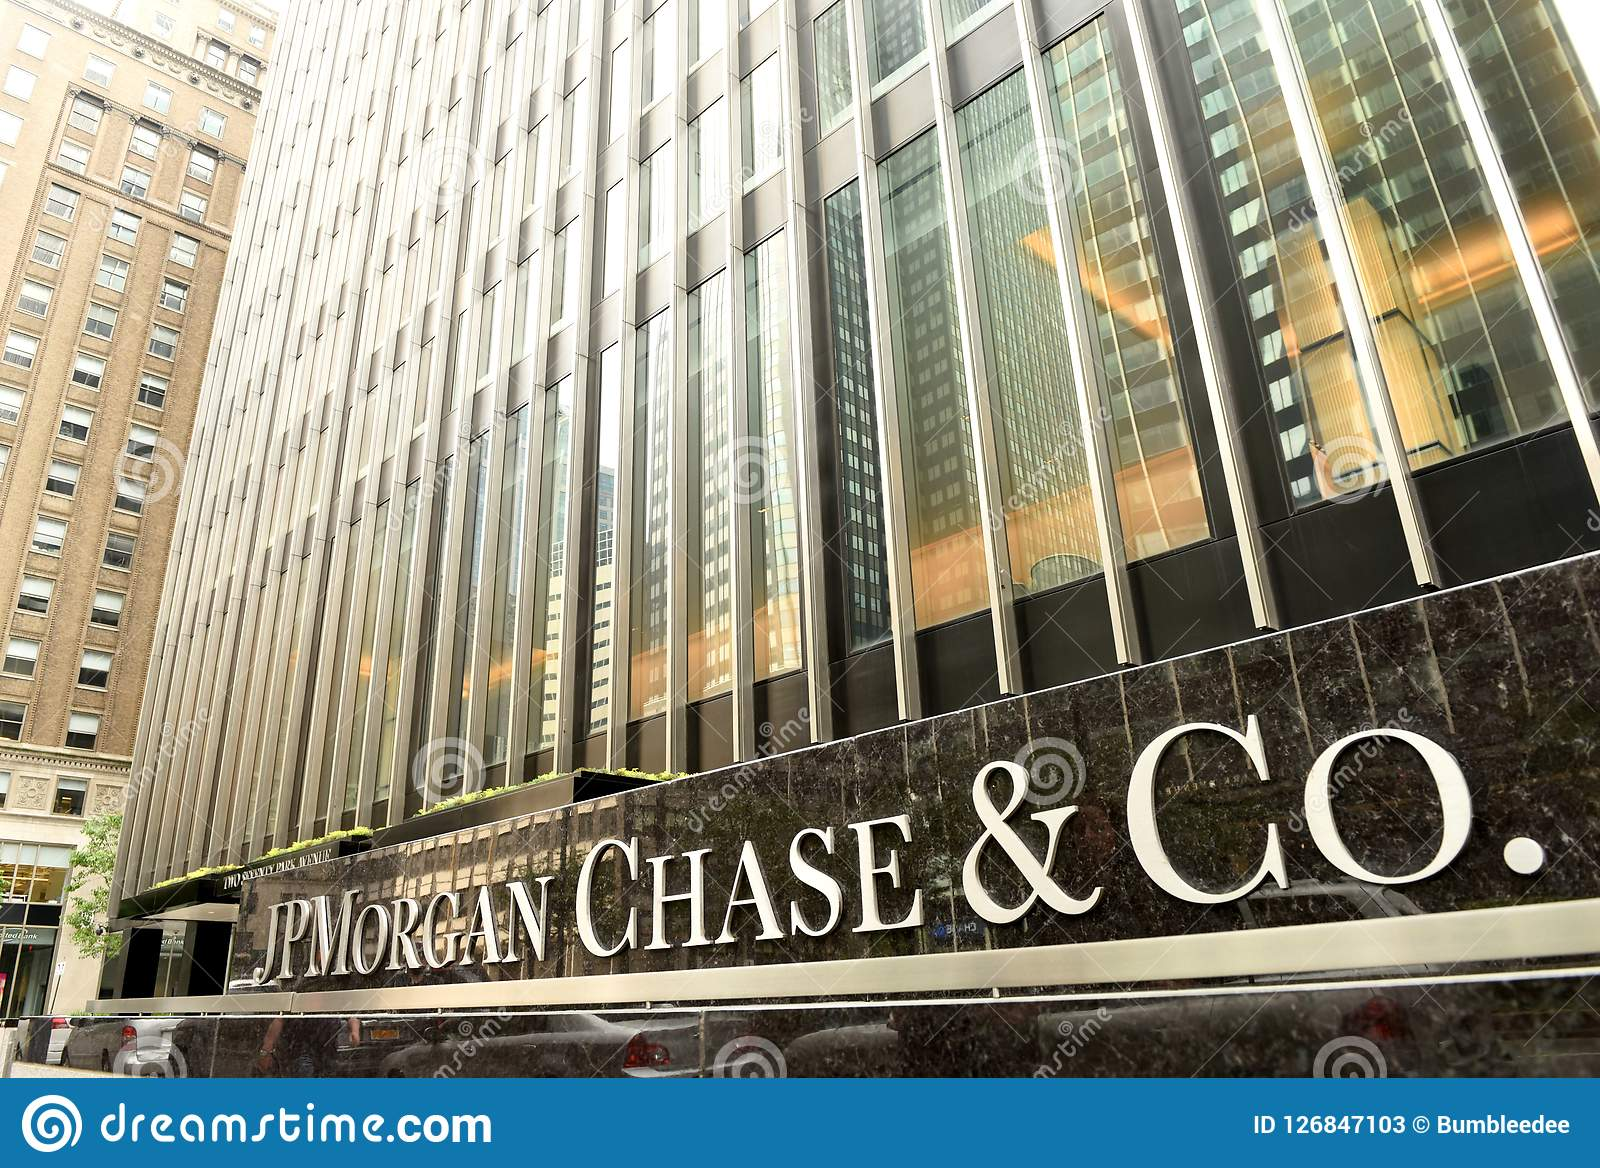 New York, USA - May 26, 2018: JPMorgan Chase & Co office at the